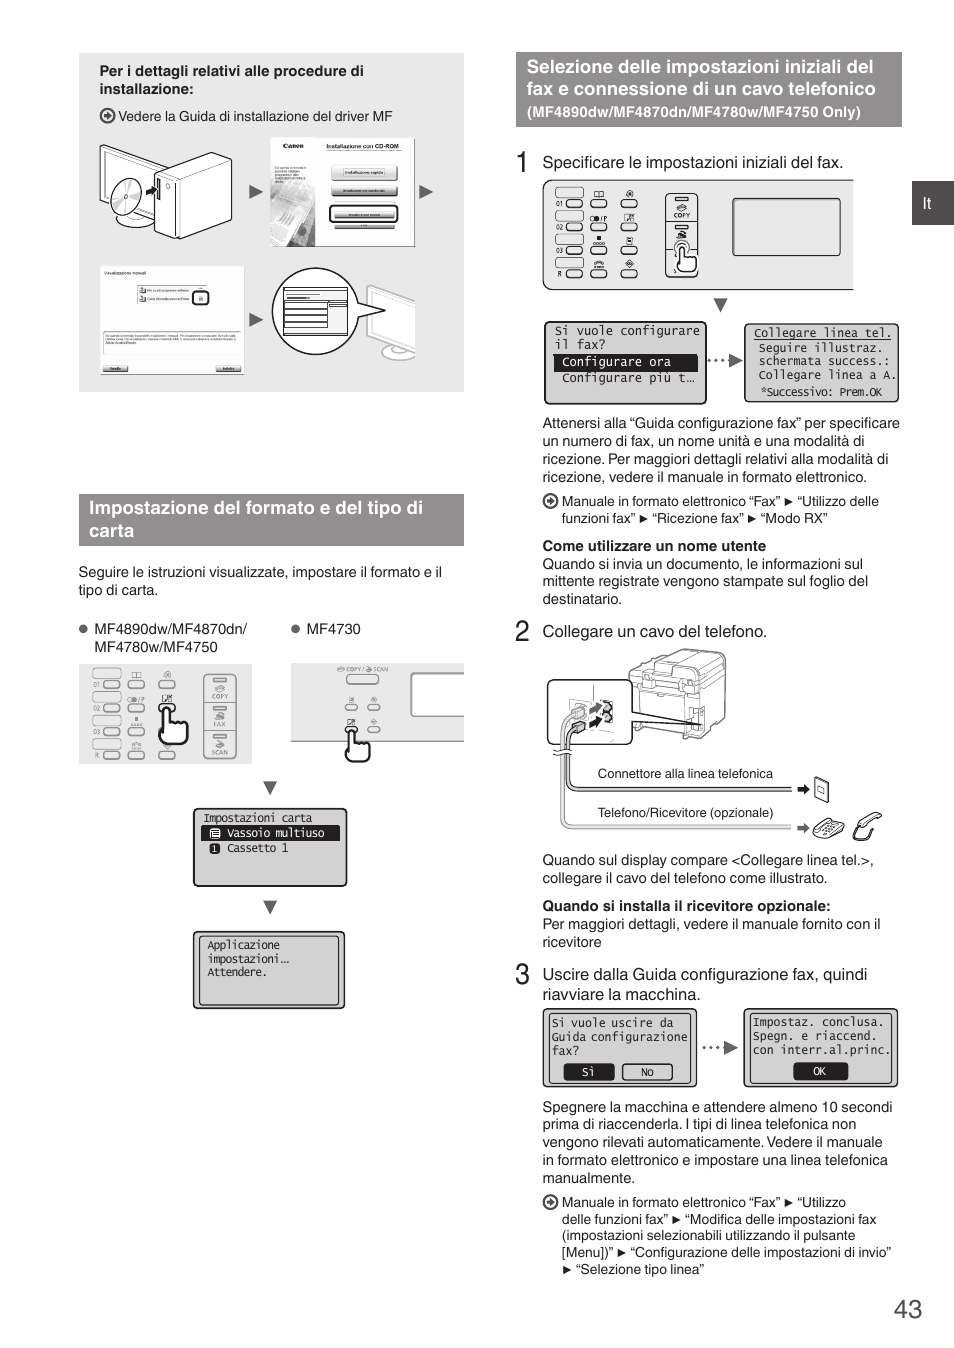 Impostazione del formato e del tipo di carta, Selezione